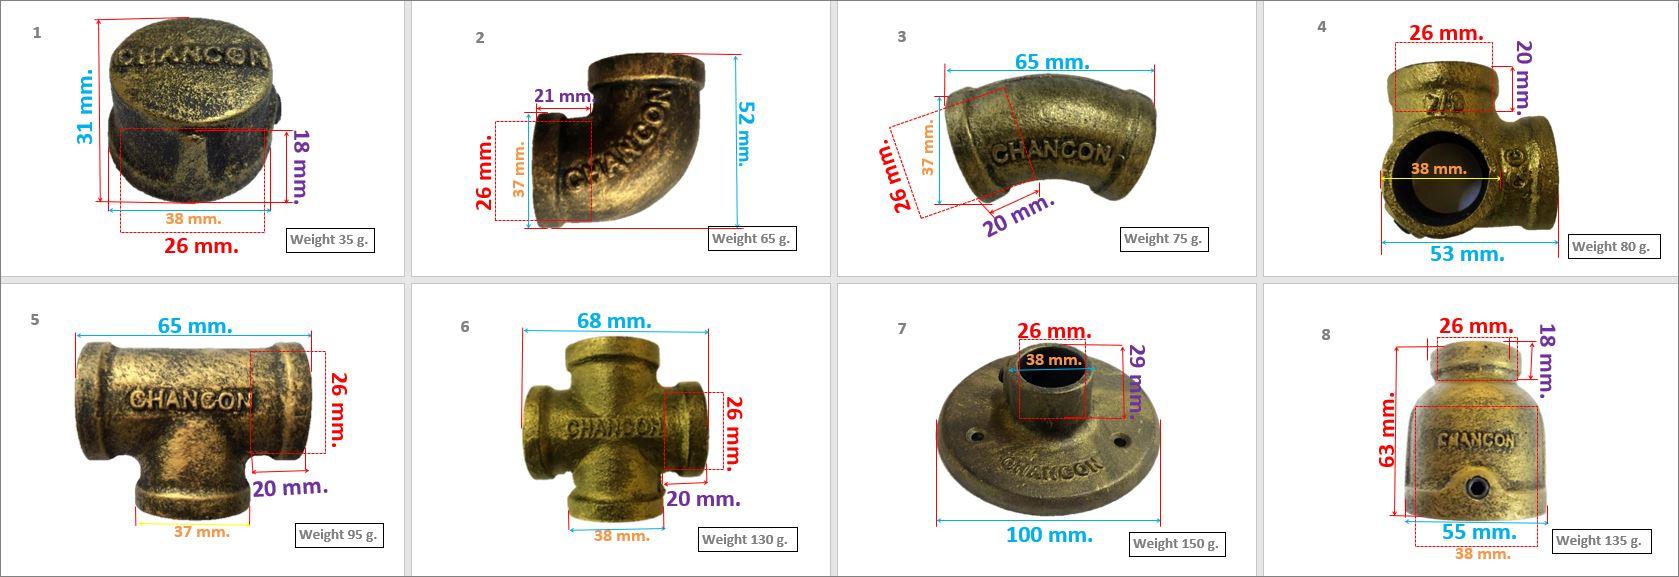 อุปกรณ์ข้อต่ออลูมิเนียม สีสนิมดำปัดทอง ไม่ต๊าปเกลียว Rustic Golden Sign Color Aluminum Pipe Fittings Connector